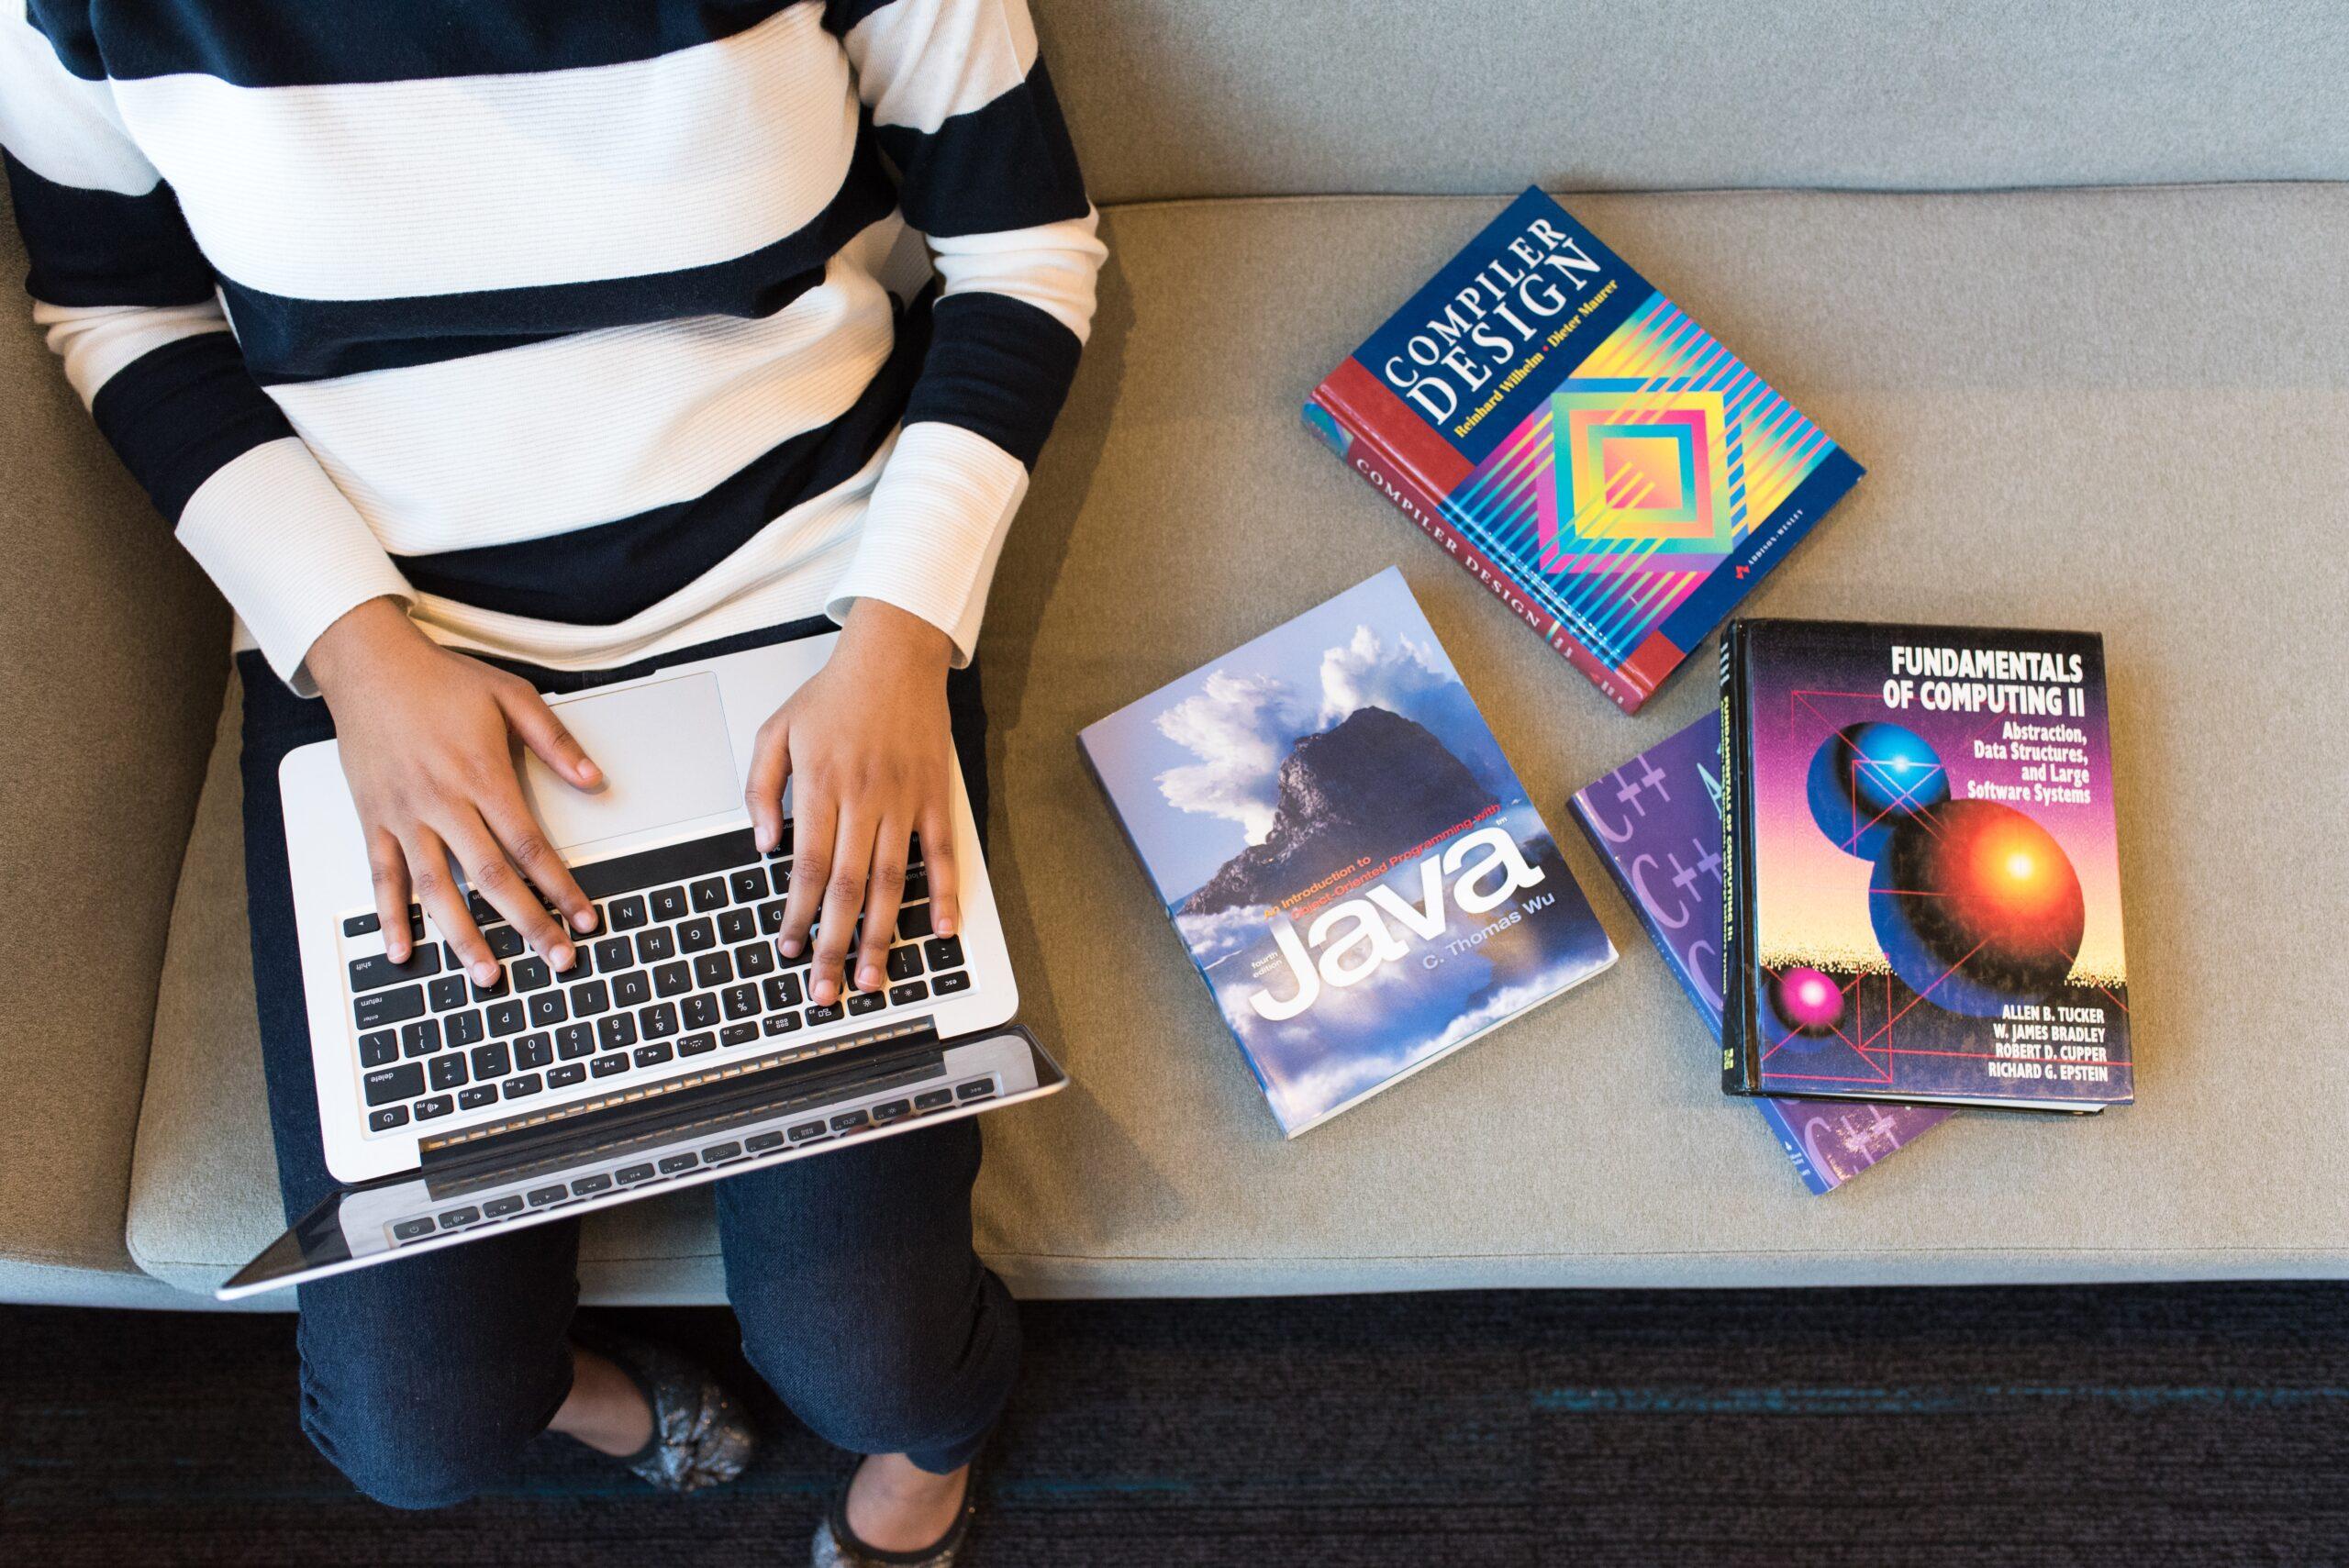 Empezando en IT: Certificado de Alteryx Core + Libros y audiolibros gratis + Comunidades IT